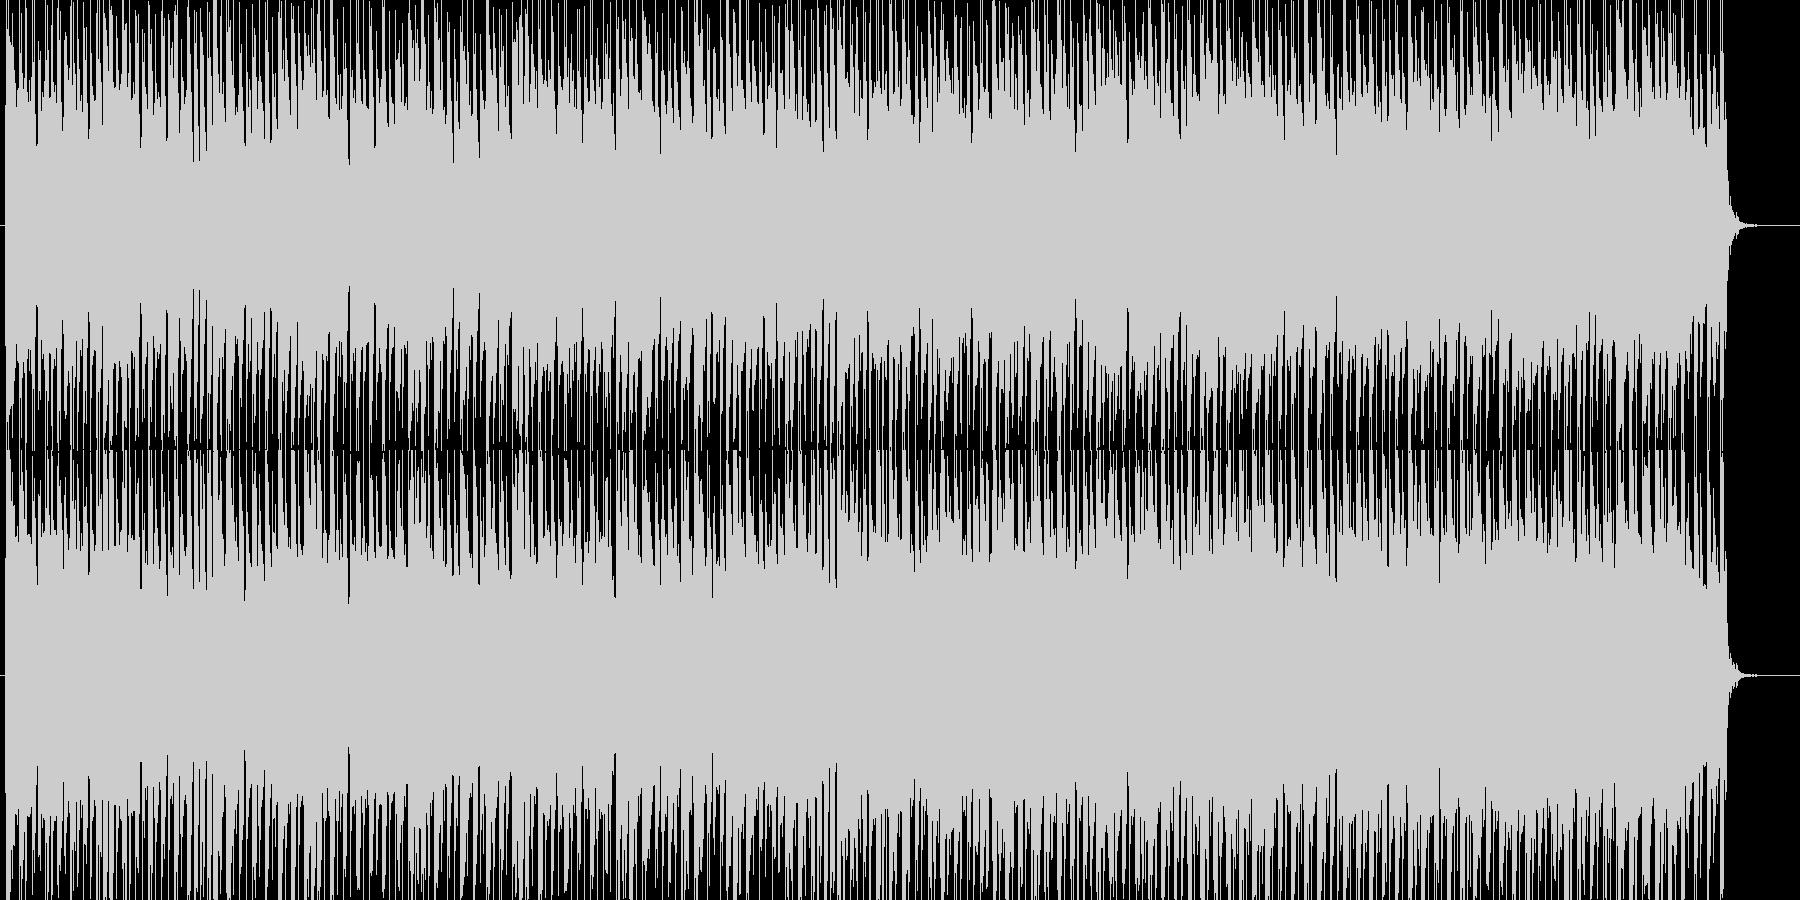 シューティング・パズル向けのテクノポップの未再生の波形